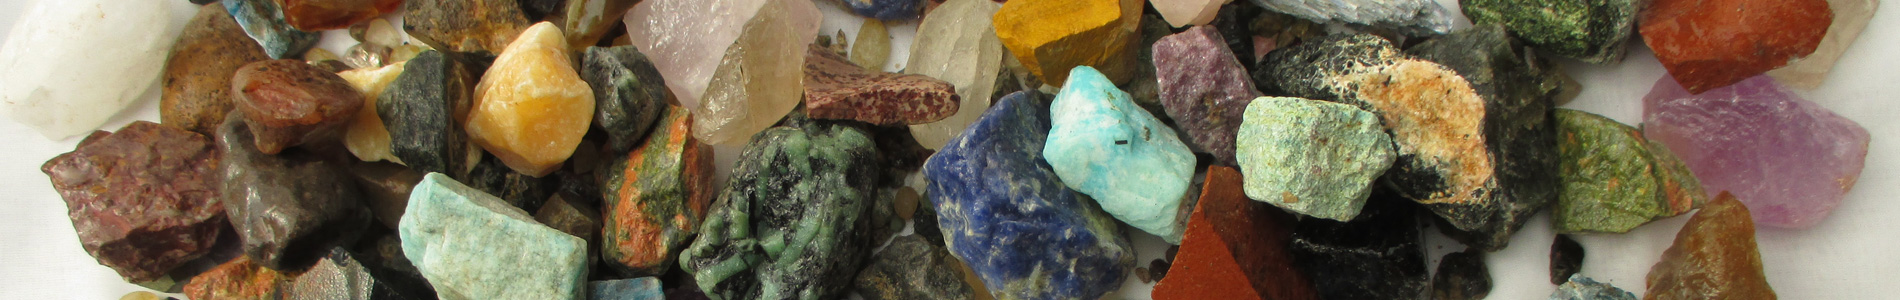 Shop Rough Stones